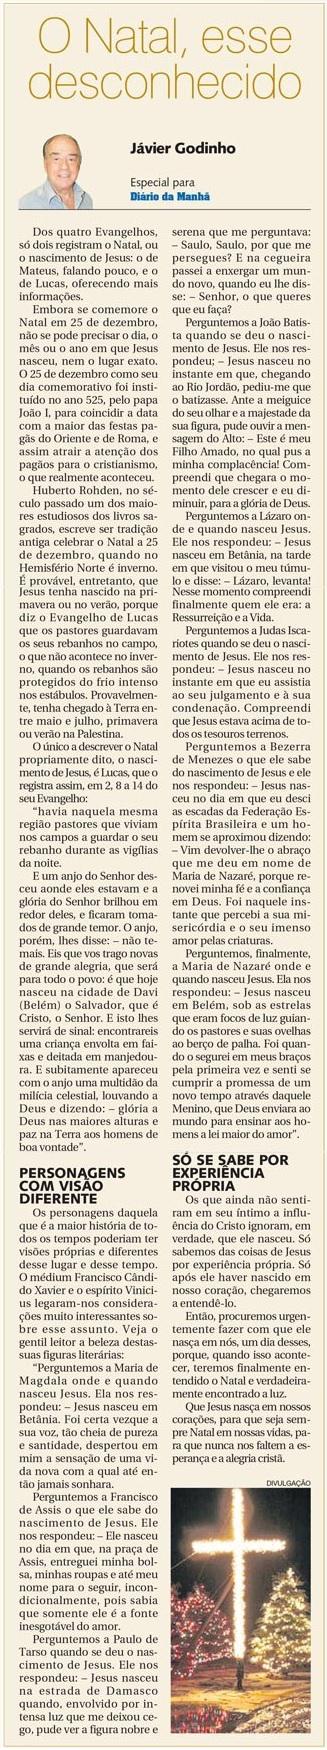 DM 03-12-2014 - O Natal, esse desconhecido - Jávier Godinho